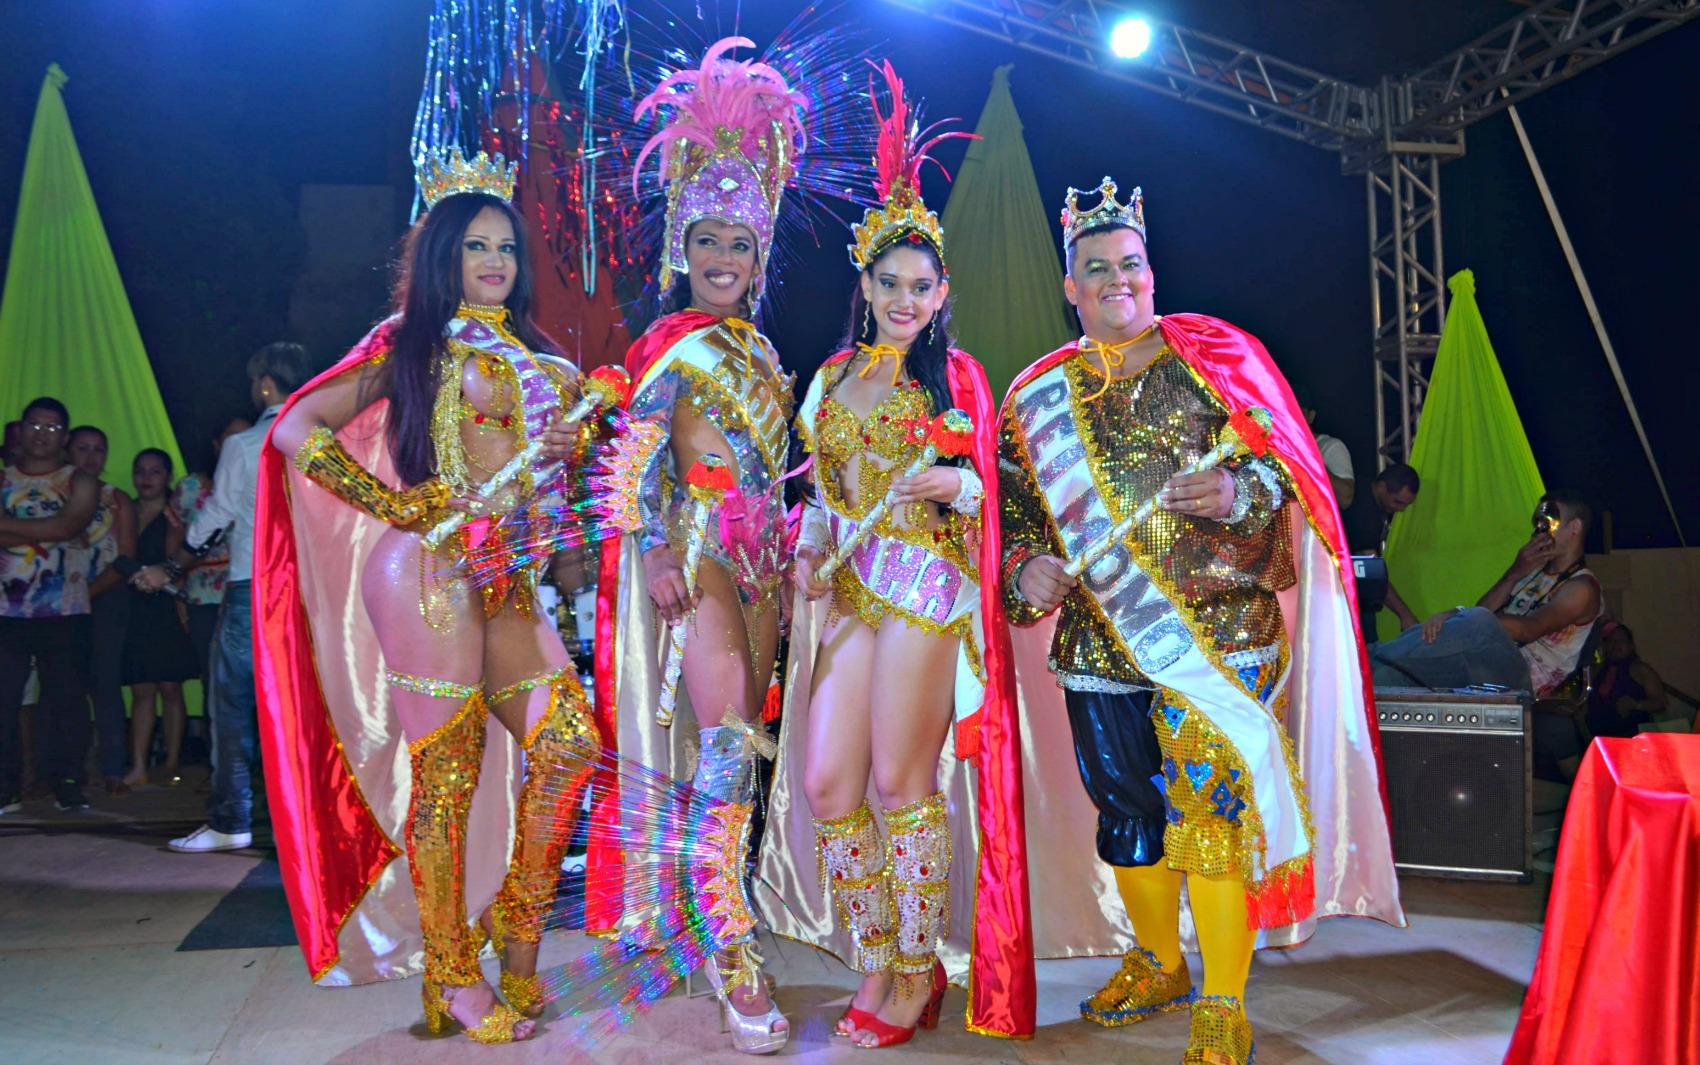 Realeza do Carnaval 2016 foi escolhida nesta sexta-feira (5) em Rio Branco